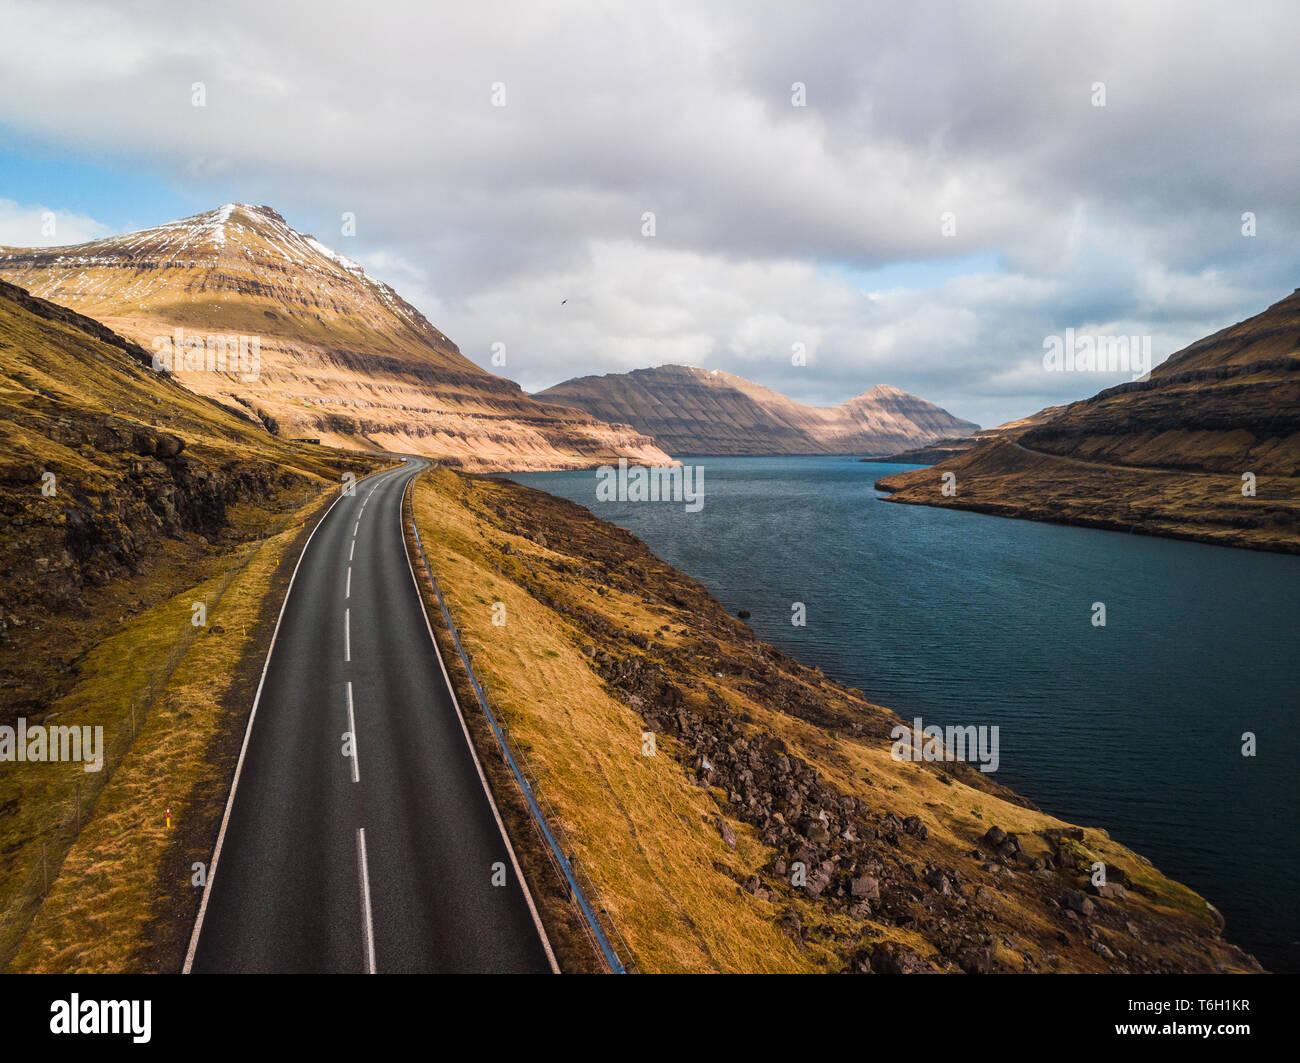 Luftaufnahme von einer Küstenstrasse entlang einer Färöischen Fjord mit atemberaubenden Bergketten, dramatischer Himmel und türkisfarbenem Wasser (Färöer, Dänemark, Europa) Stockfoto